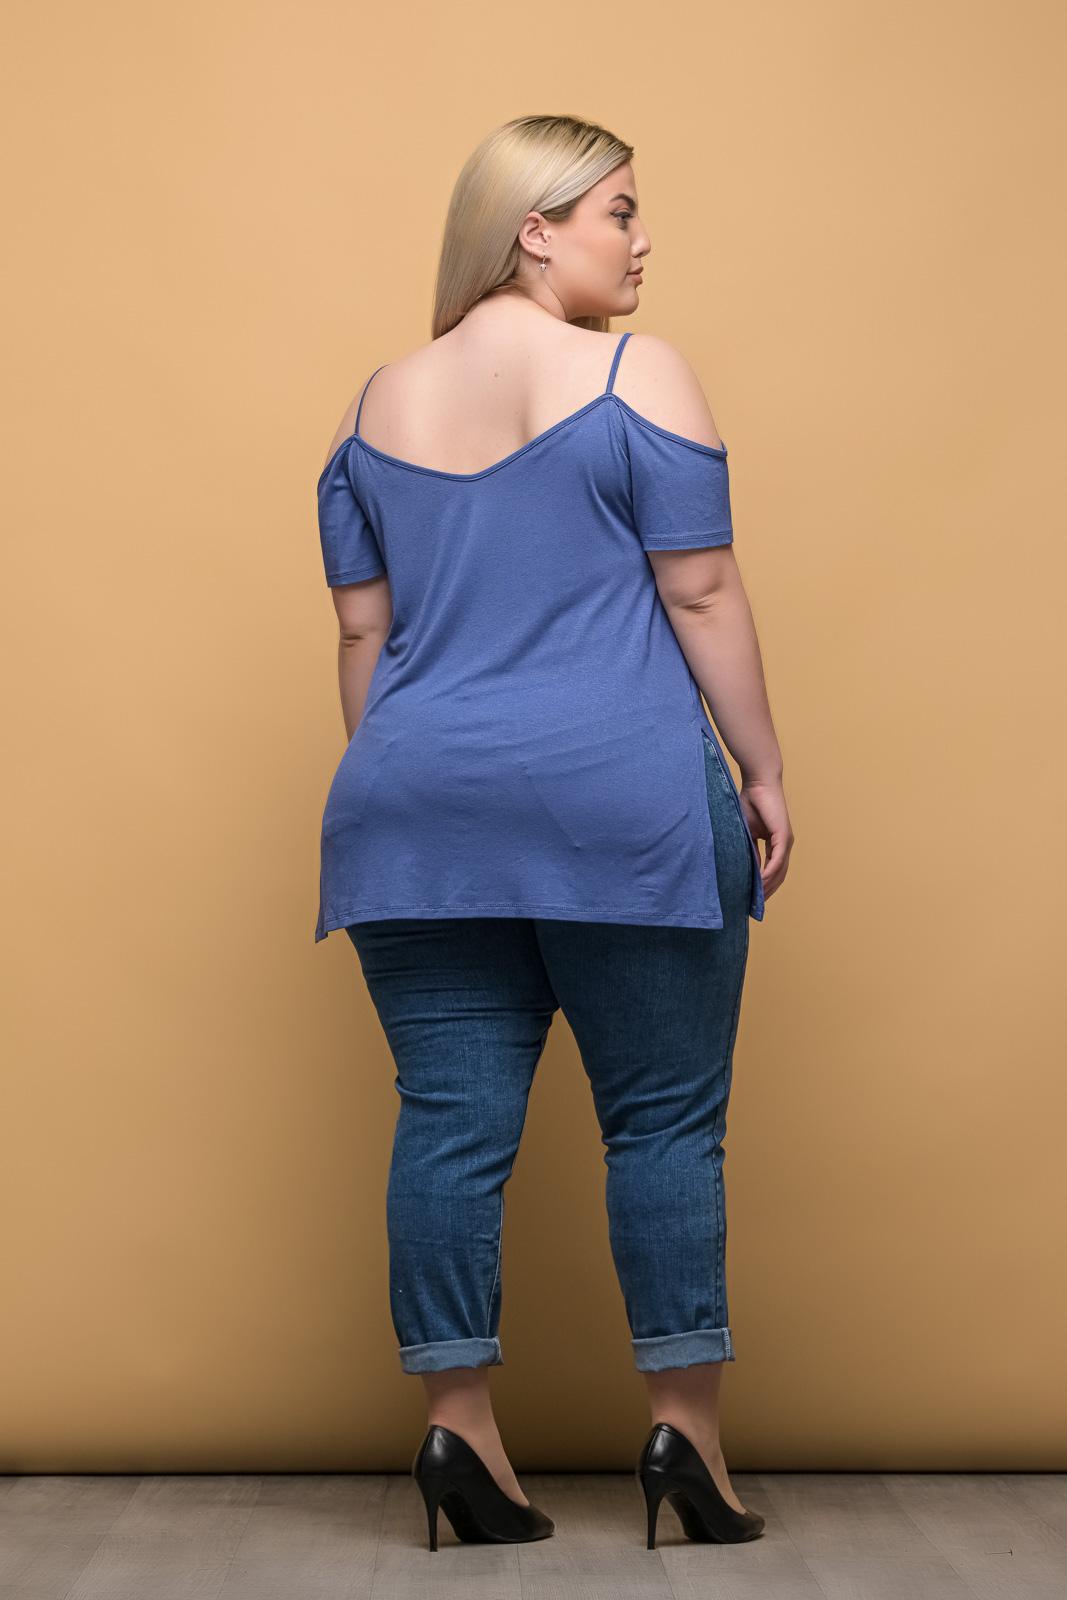 Μπλούζα μεγάλα μεγέθη ραφ με τιράντες και άνοιγμα στο πλάι.Στο eshop μας θα βρείτε οικονομικά γυναίκεια ρούχα σε μεγάλα μεγέθη και υπερμεγέθη.